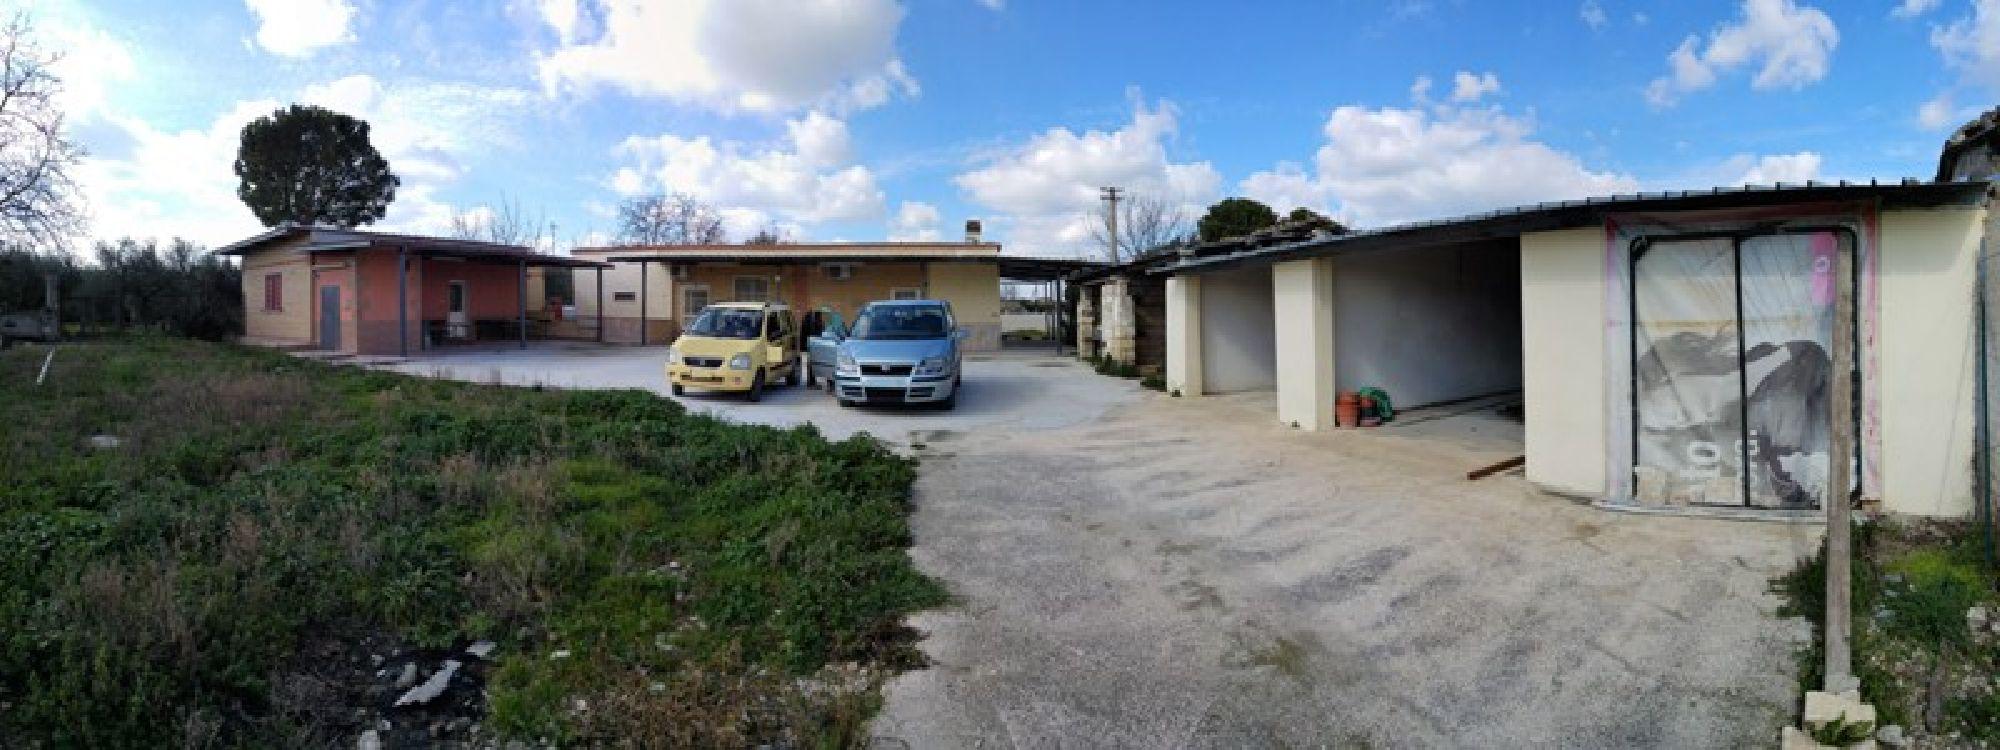 Villa trifamiliare in vendita a foggia foggia for Garage autonomo